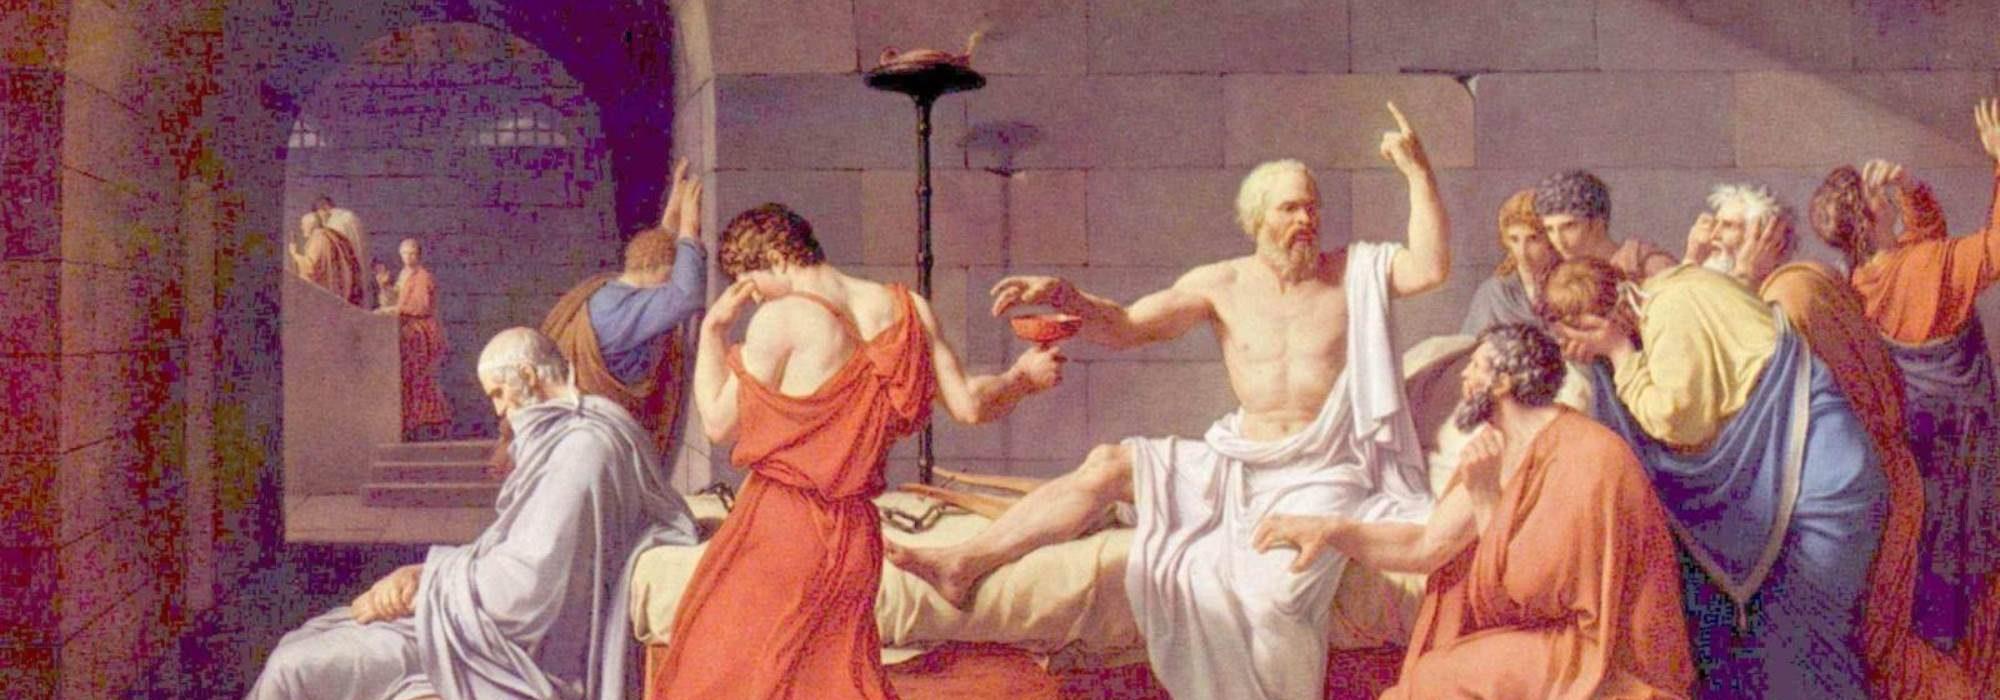 Imagem: A Morte de Sócrates (David)